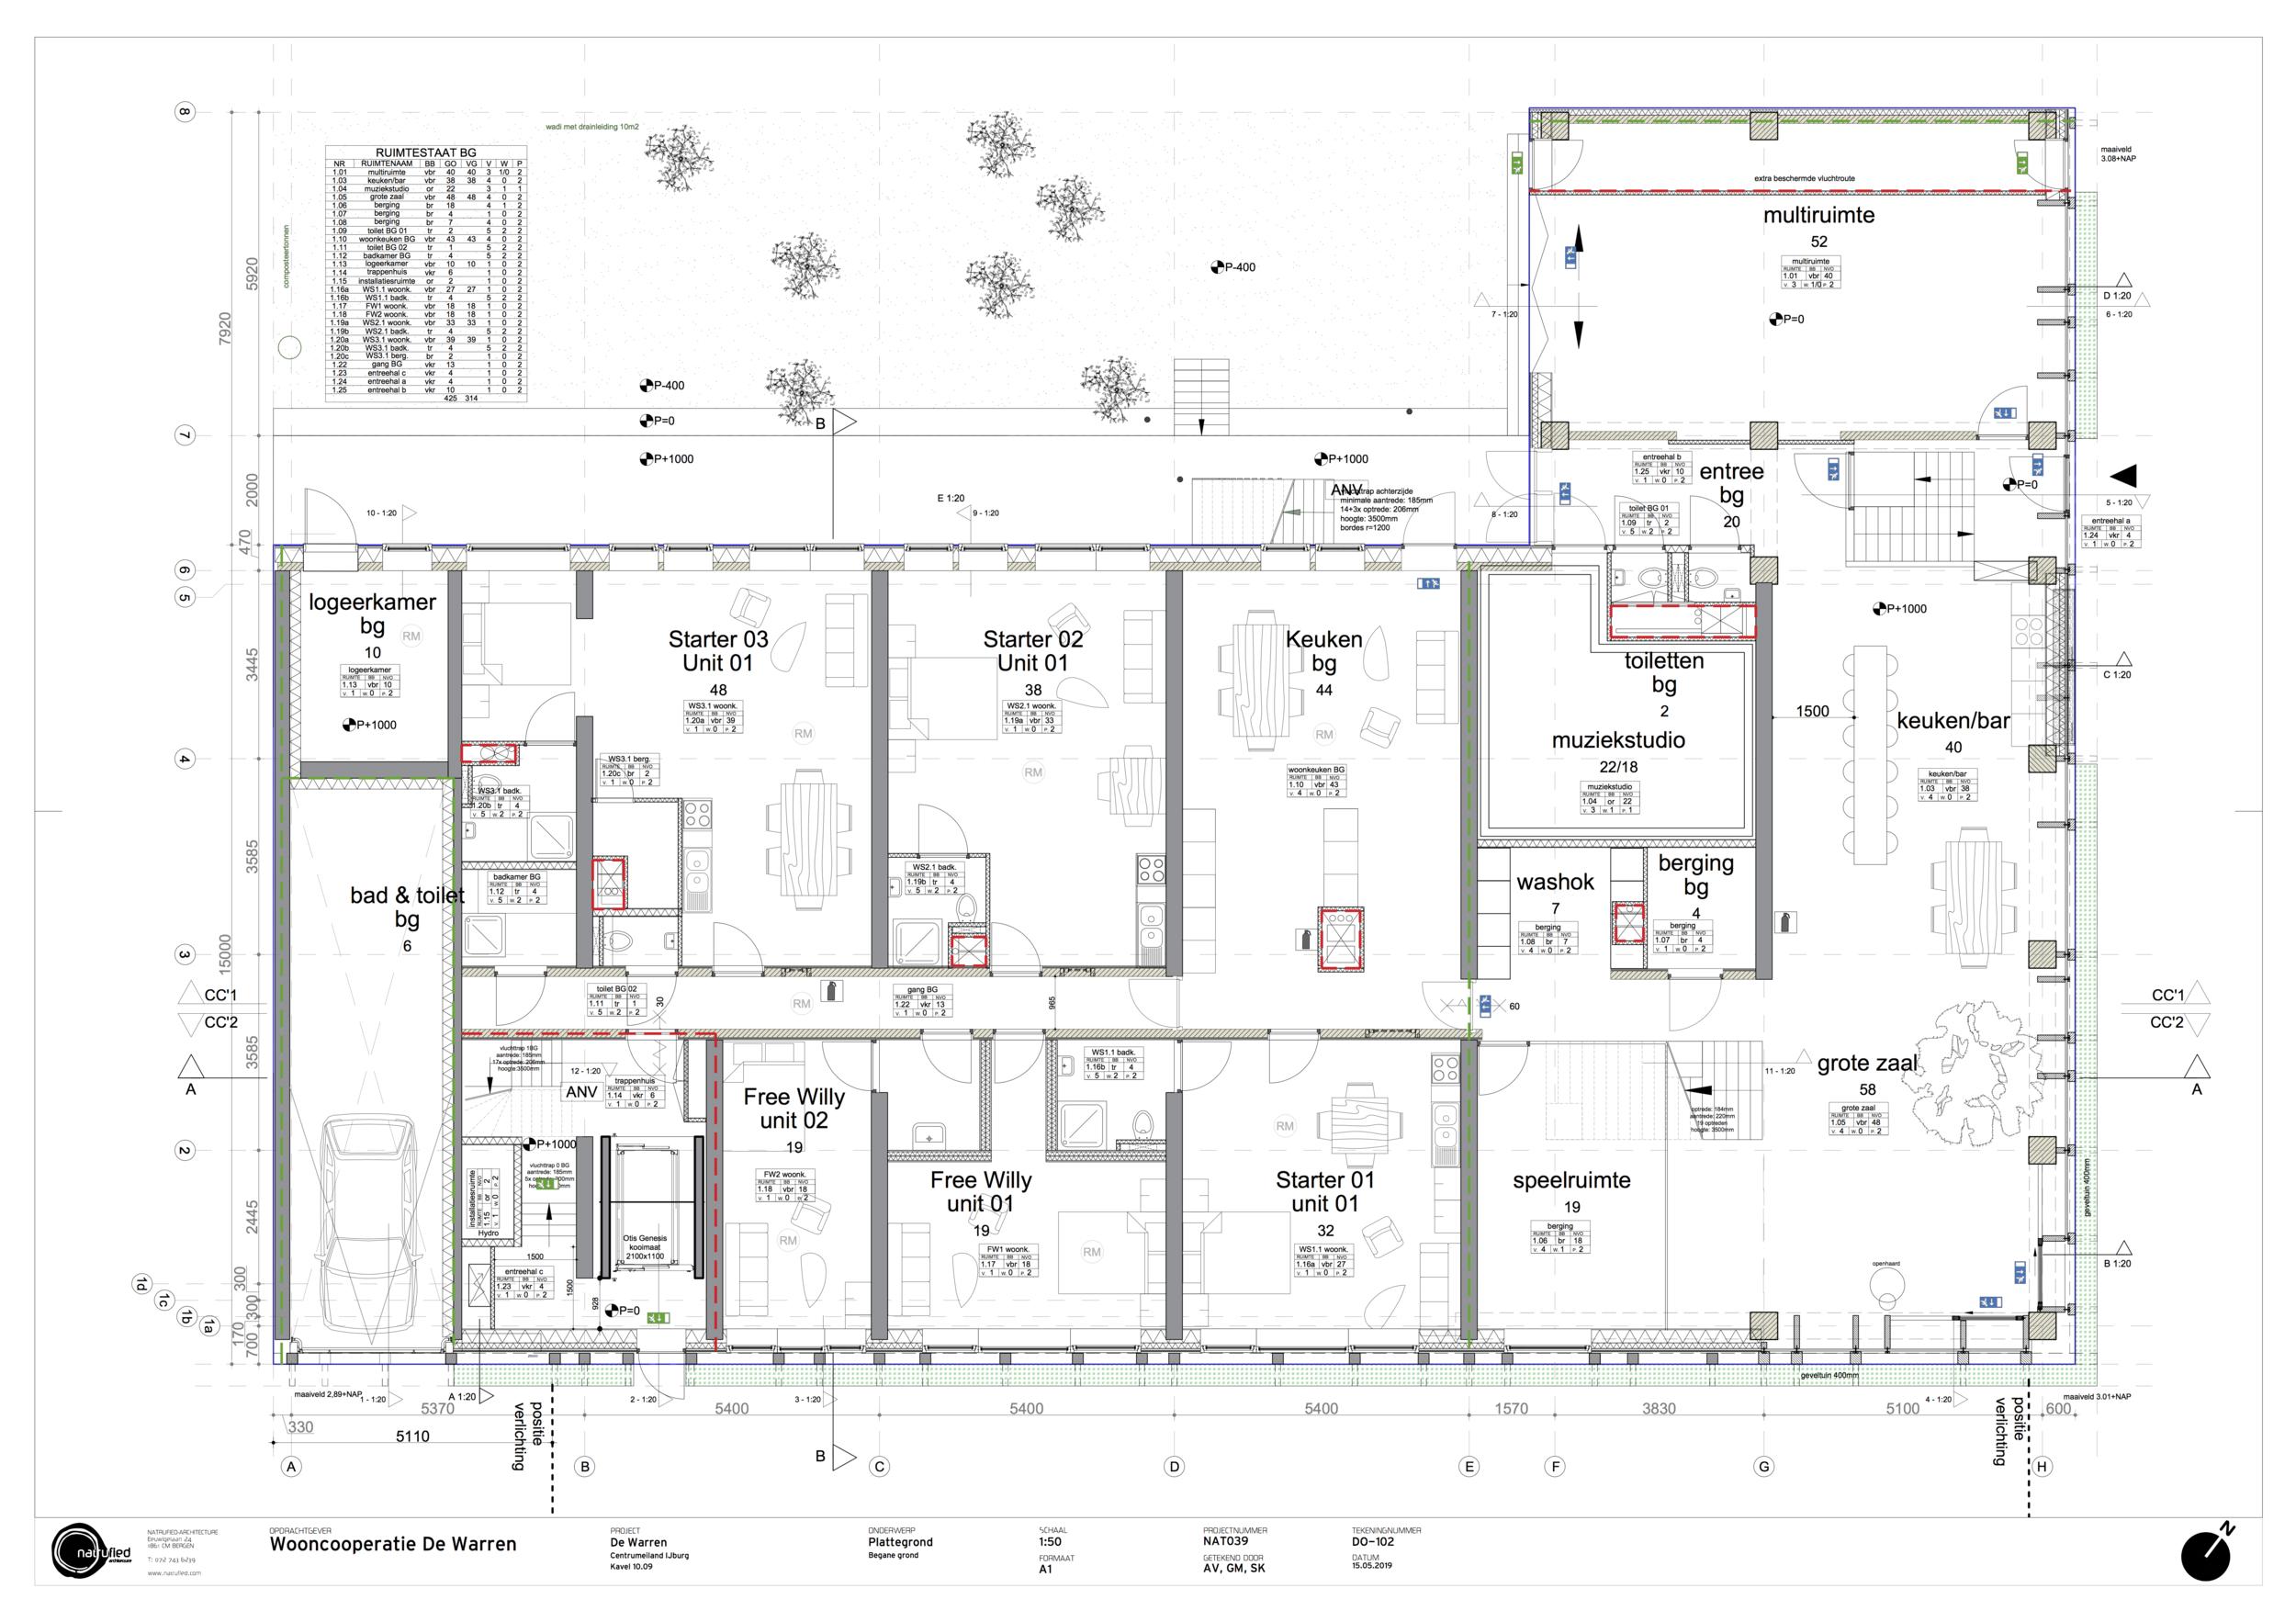 De begane grond van De Warren, met muziekstudio, yaga/theater ruimte, kinderspeelruimte en grote woonzaal (met boom!) (c) Natrufied Architecture